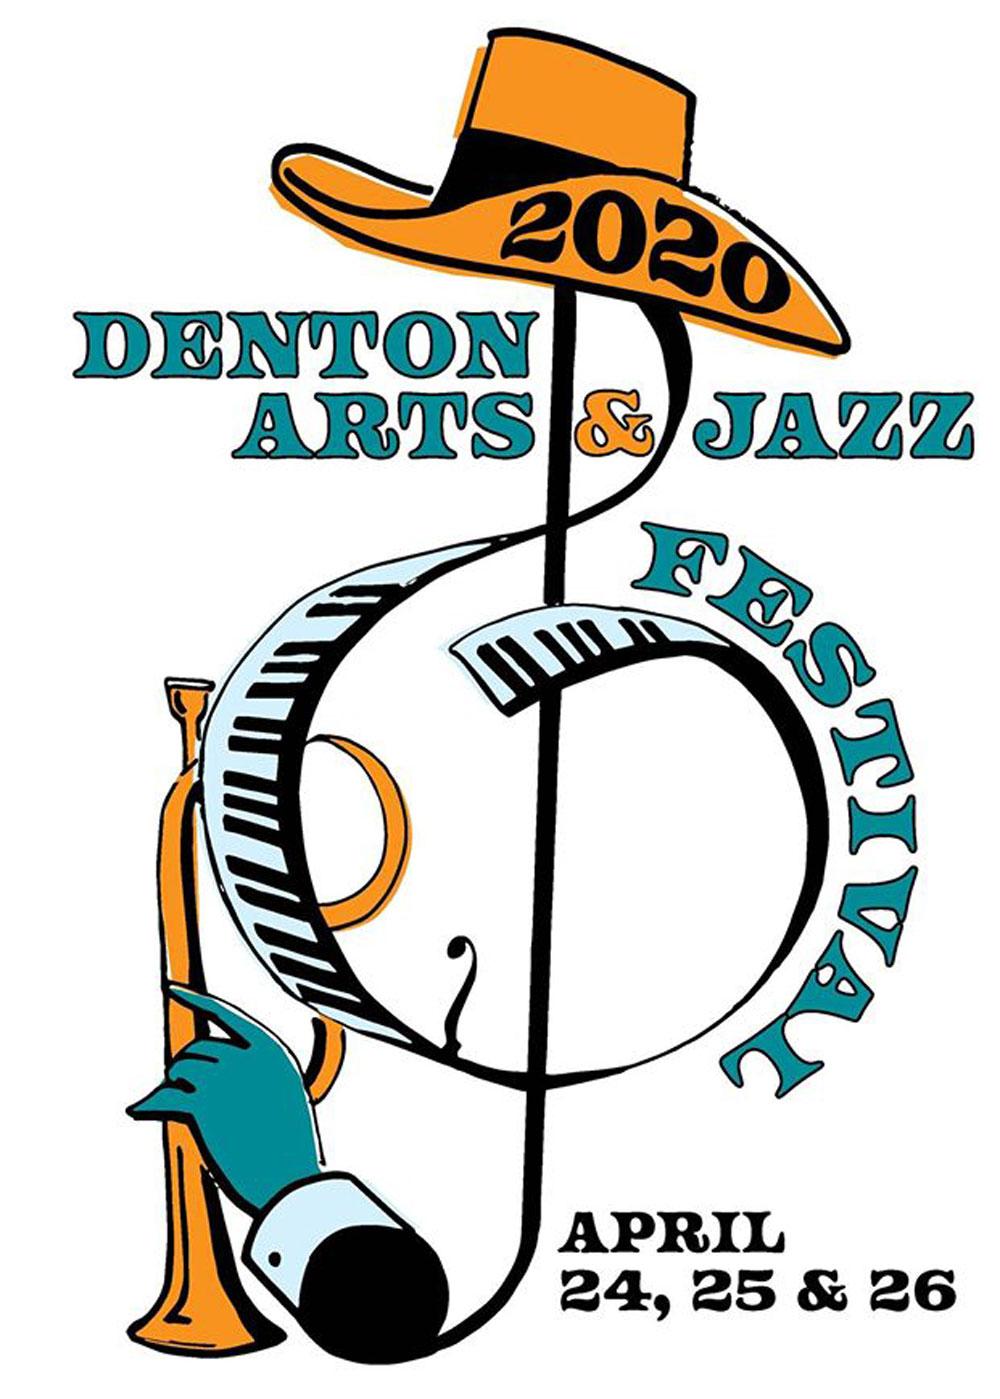 Denton Arts and Jazz Festival